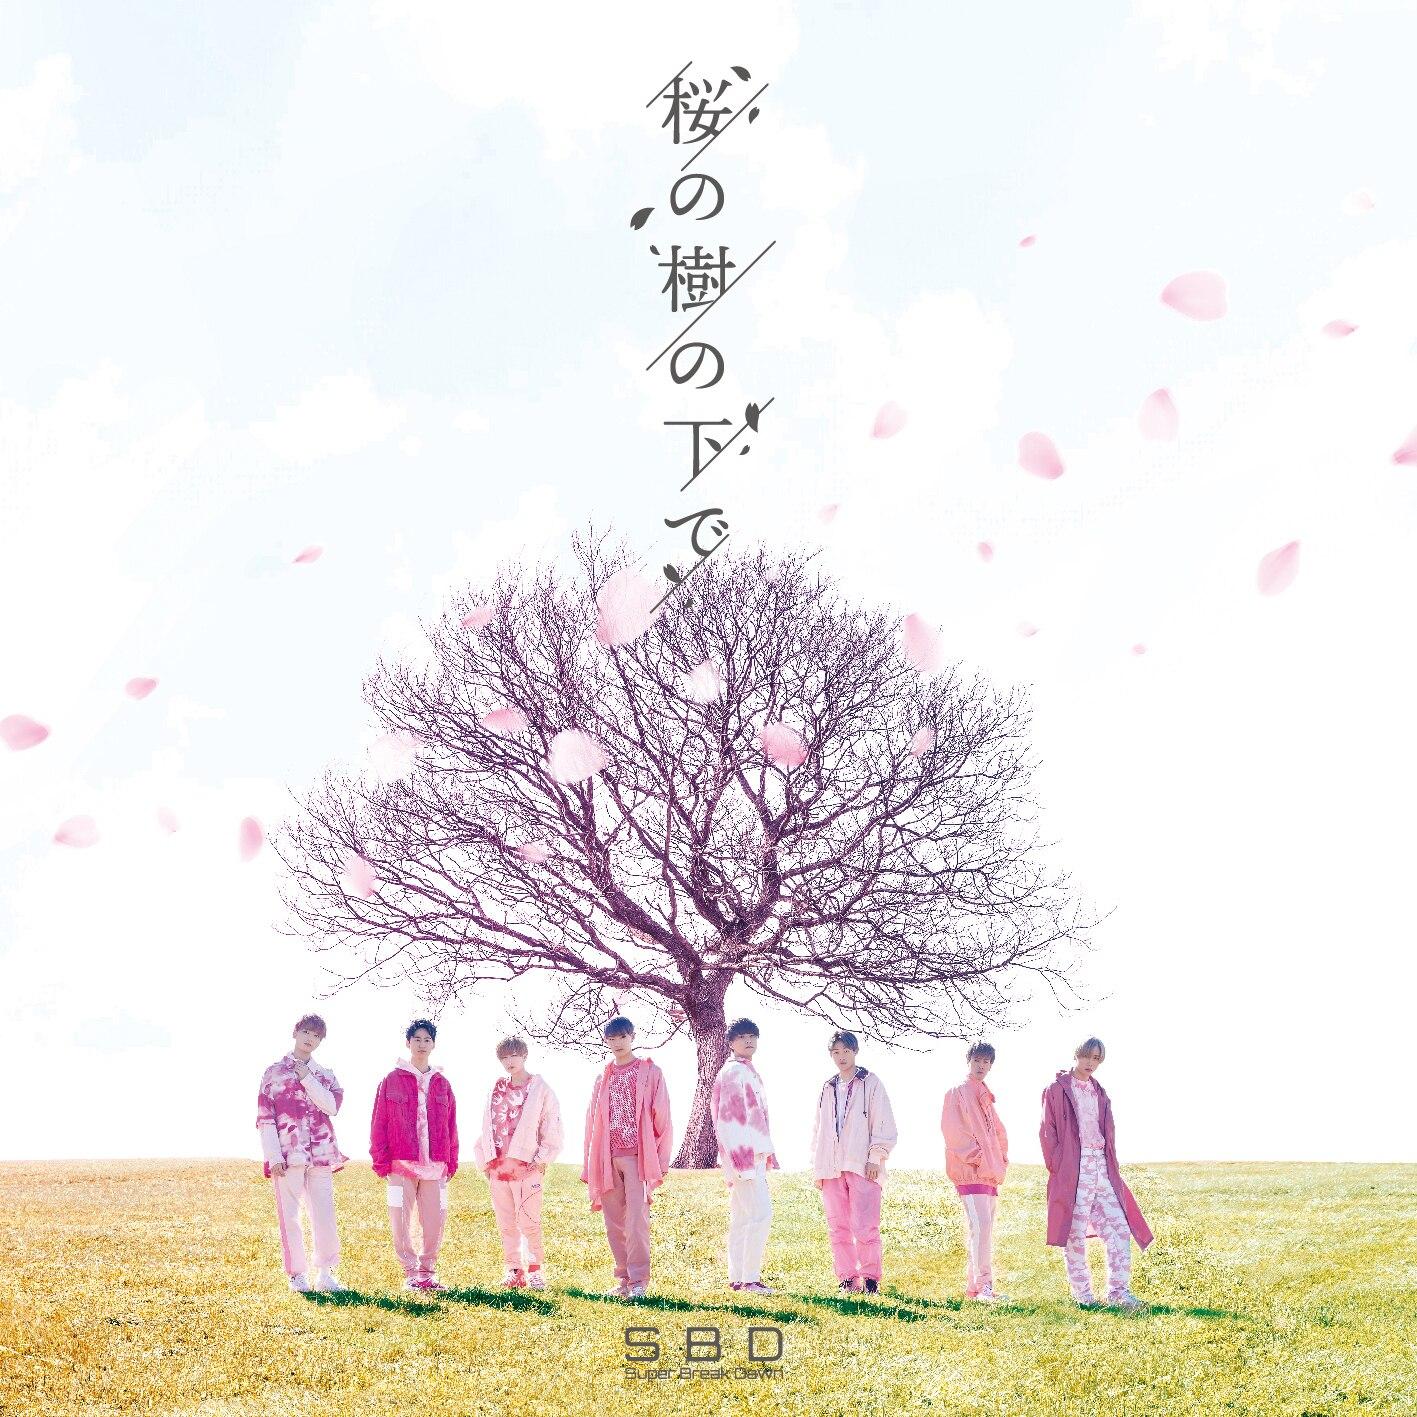 SBD(Super Break Dawn)「桜の樹の下で」